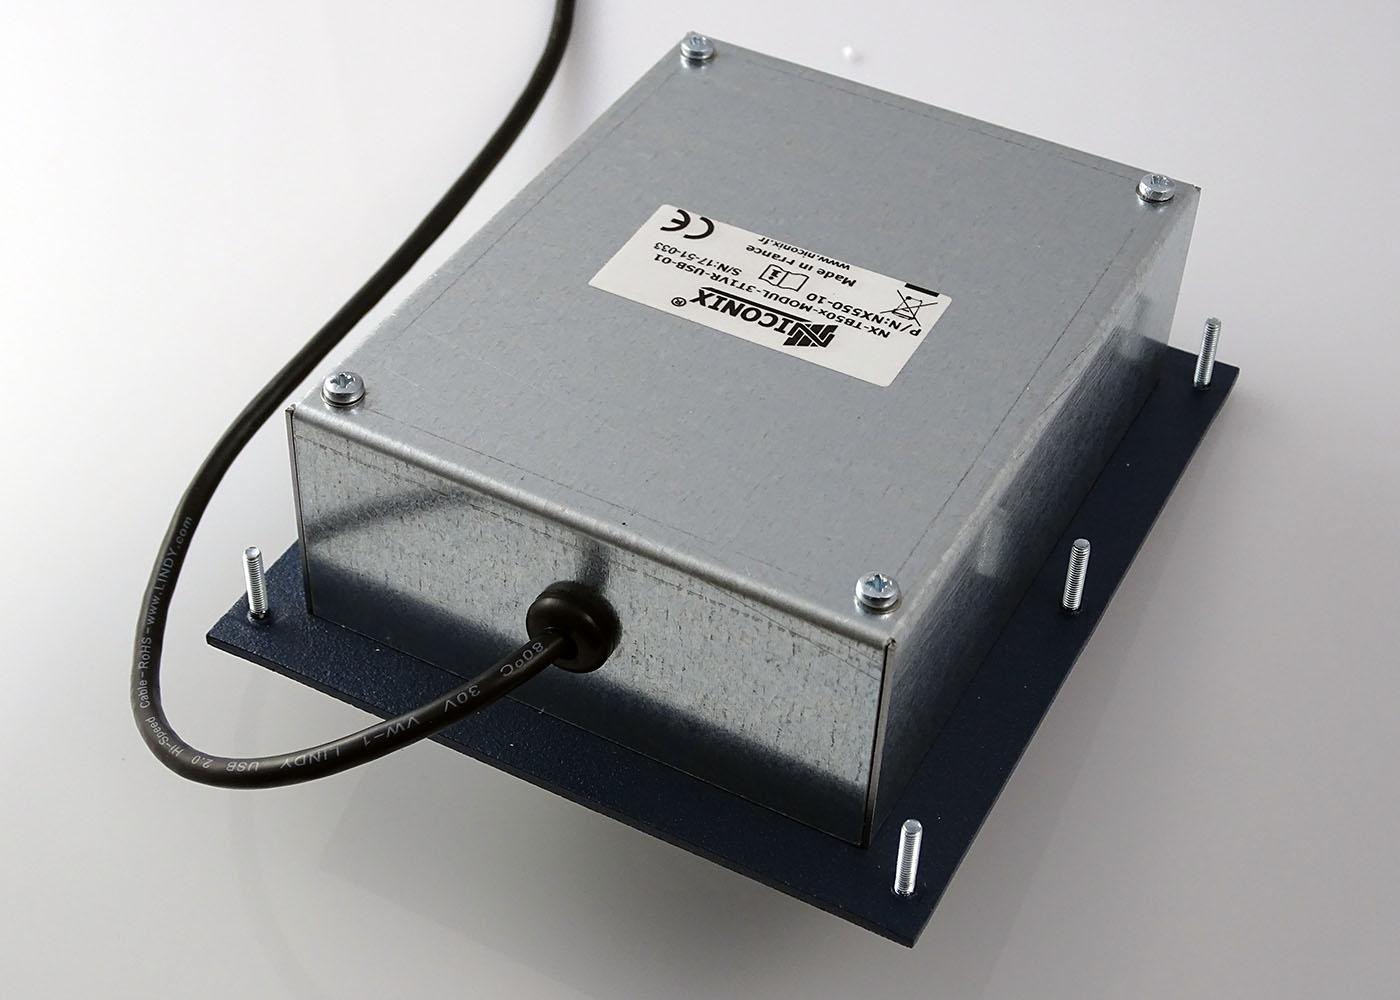 Trackball optique laser 3 boutons, boule 50 mm – Vue de dessous